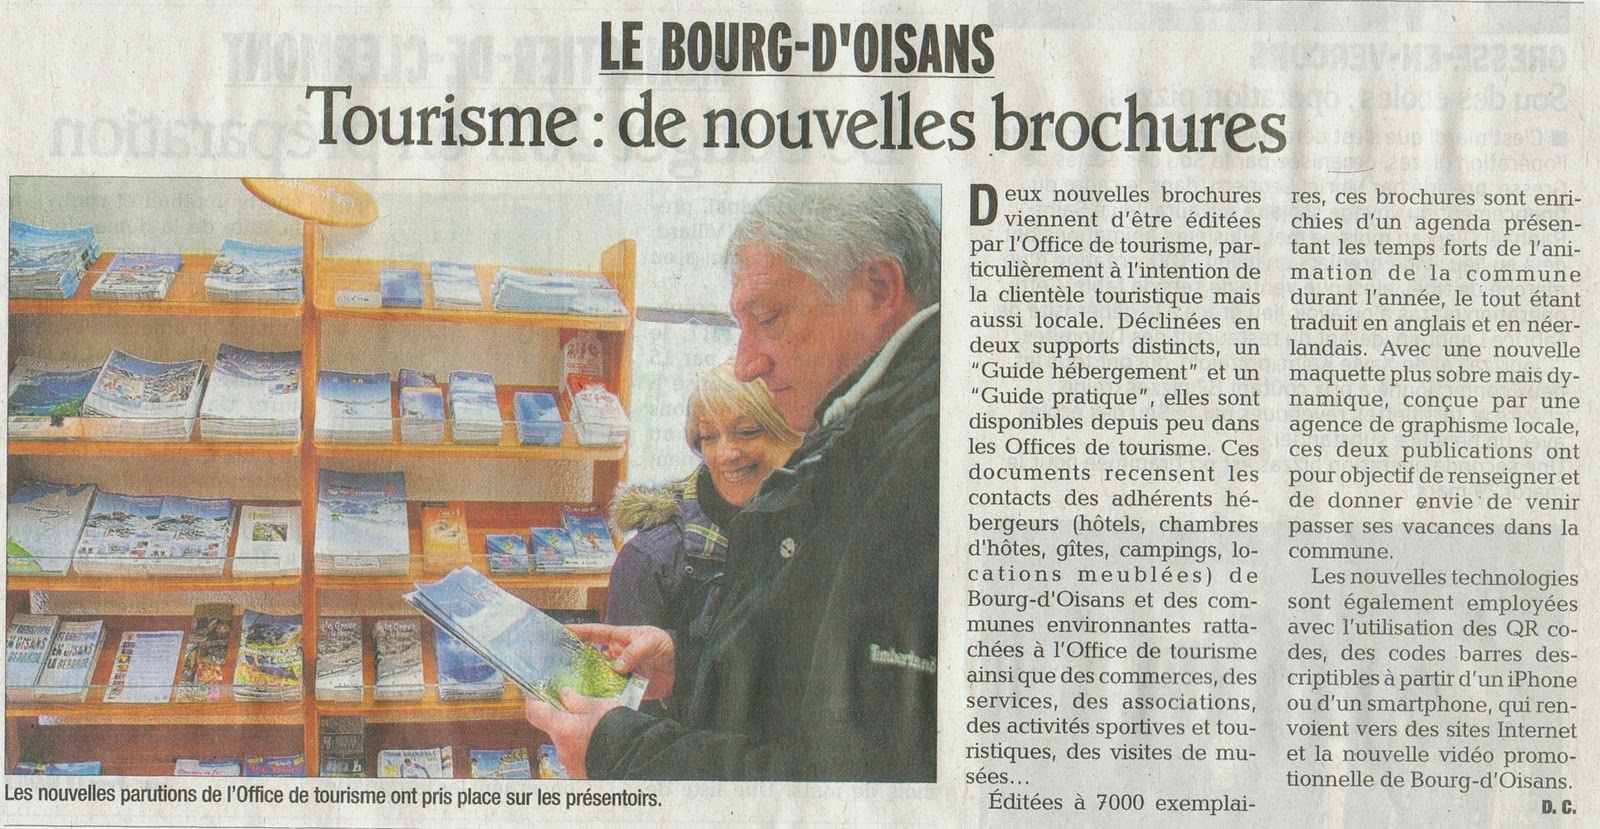 News de l 39 office de tourisme bourg d 39 oisans nouvelles brochures guide hebergement et - Bourg d oisans office tourisme ...